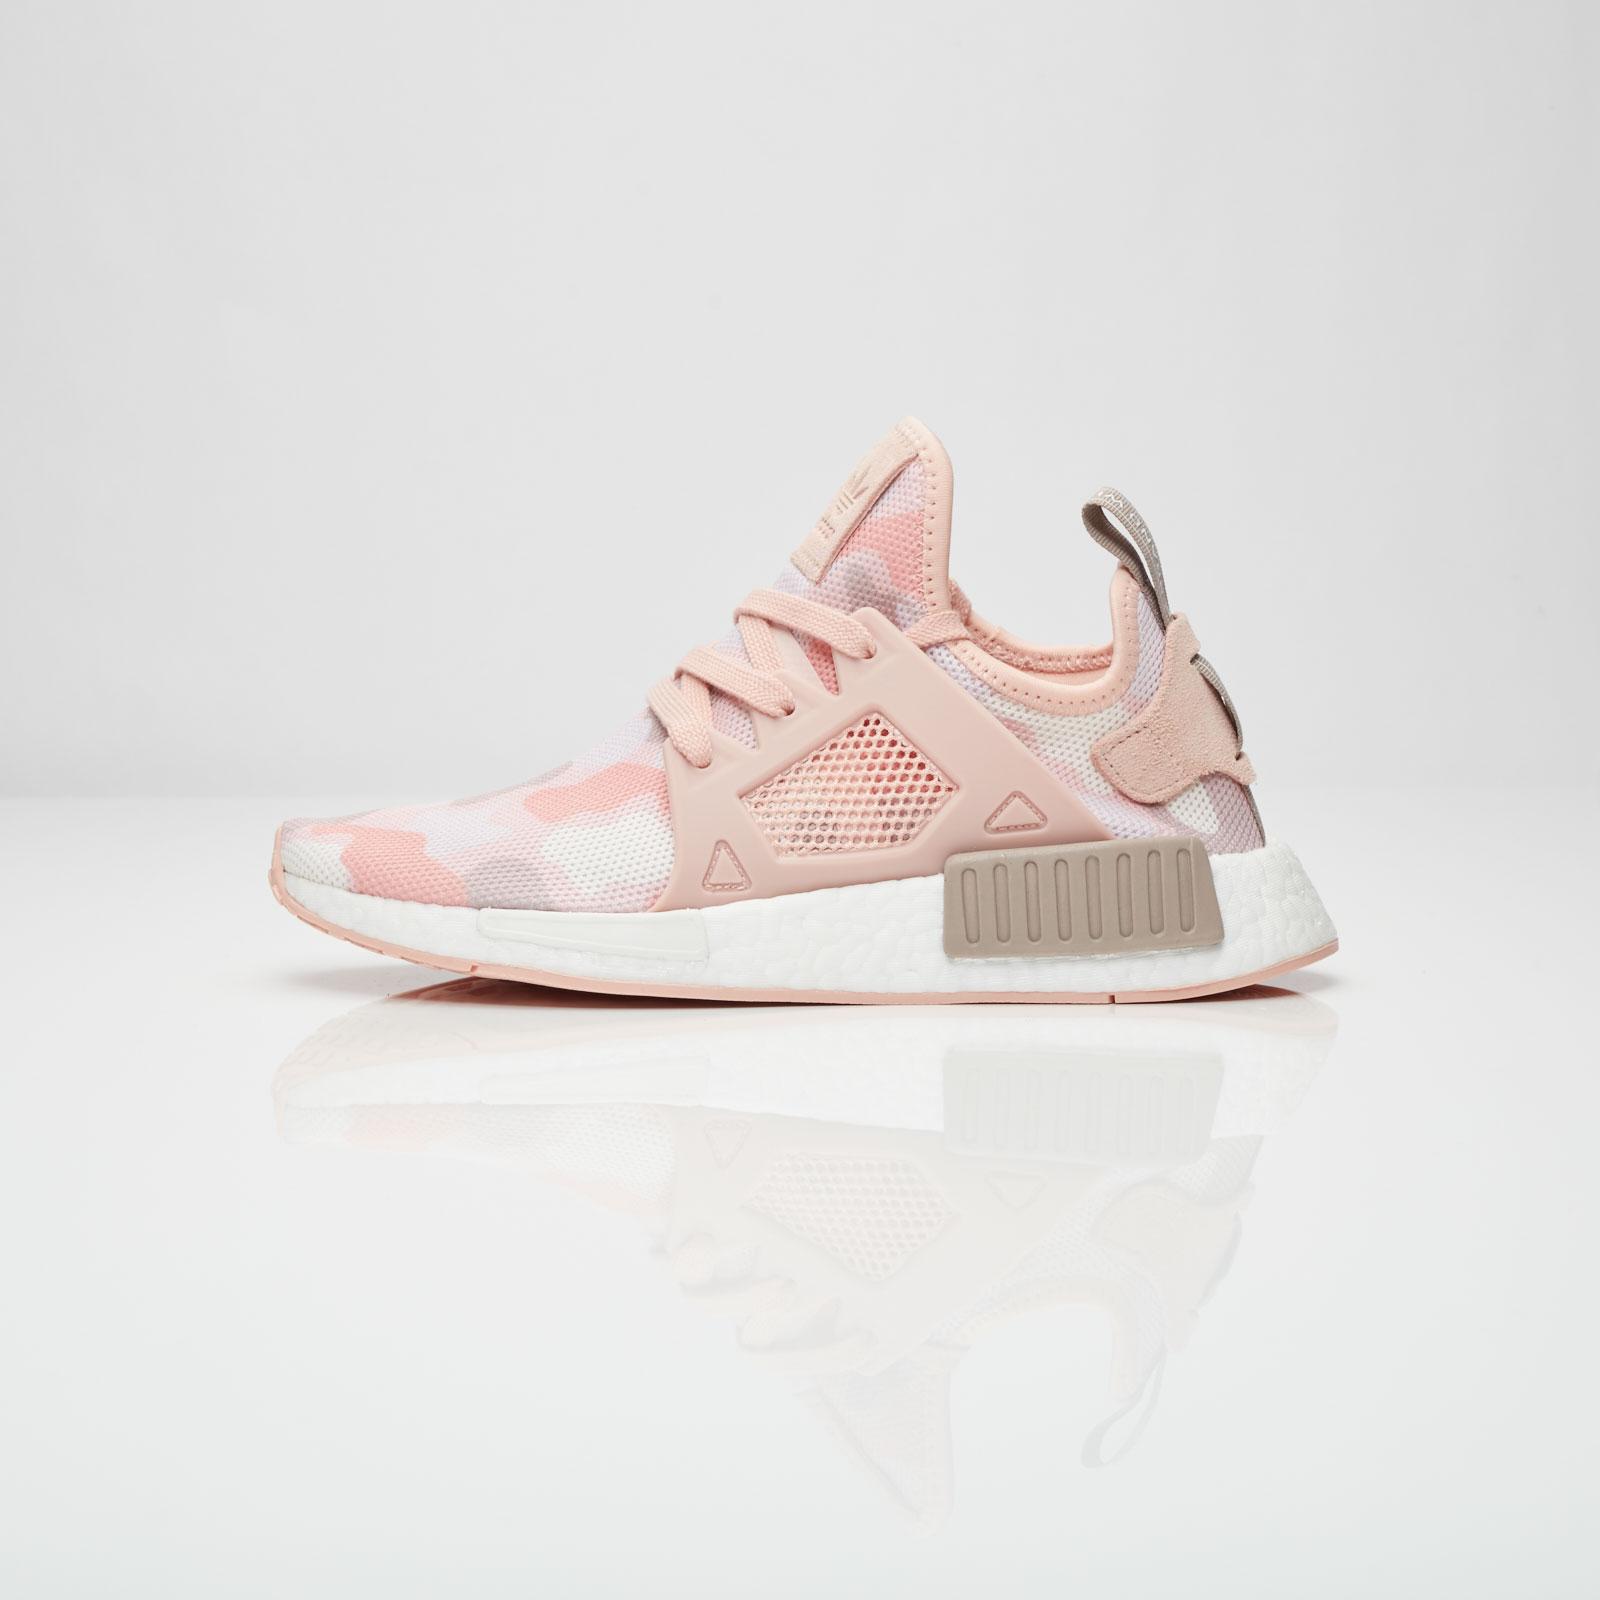 b8483fbd8b37f adidas NMD XR1 W - Ba7753 - Sneakersnstuff